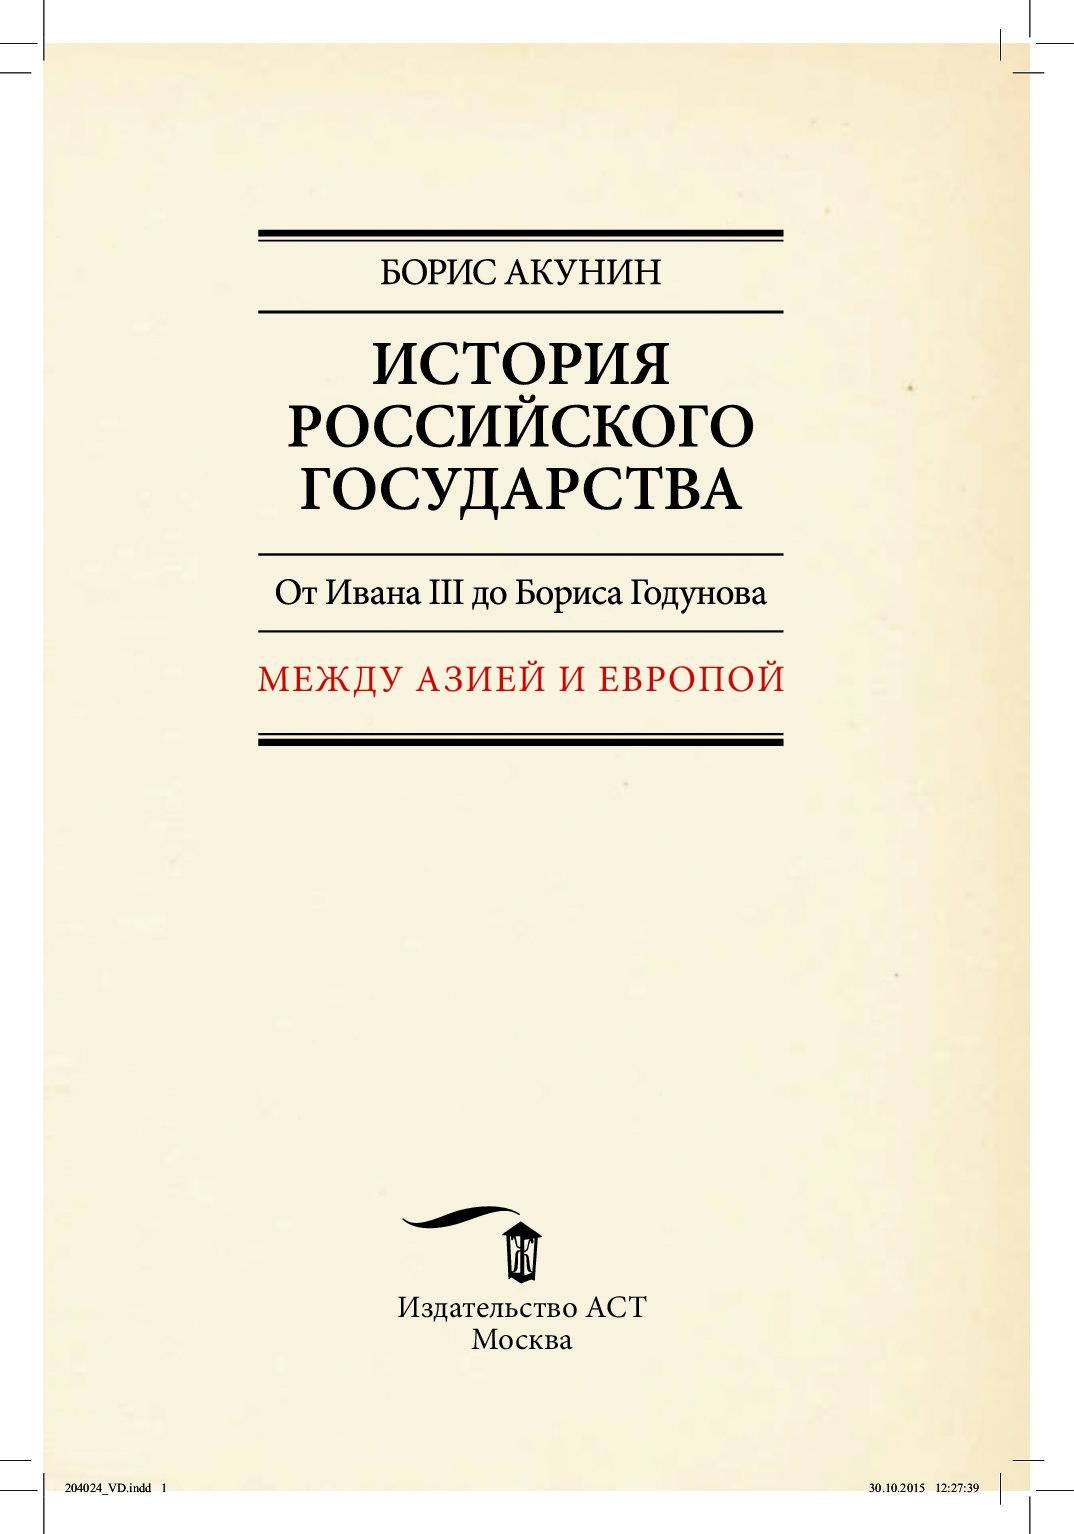 БОРИС АКУНИН ИСТОРИЯ РОССИЙСКОГО ГОСУДАРСТВА ОРДЫНСКИЙ ПЕРИОД СКАЧАТЬ БЕСПЛАТНО